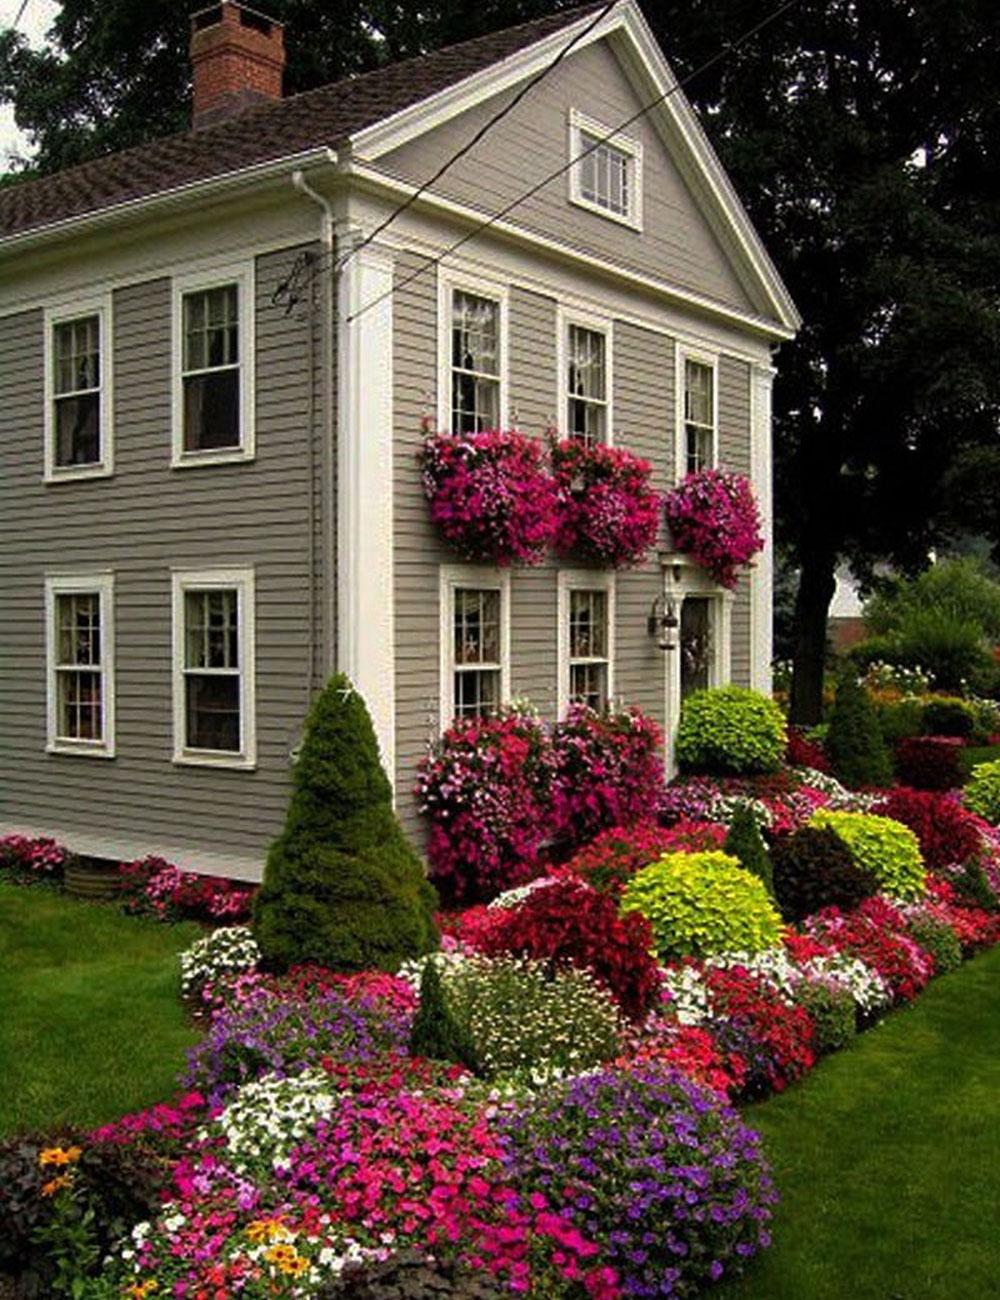 A-Showcase-Of-Beautiful-House-Yards-10 En Showcase of Beautiful House Yards